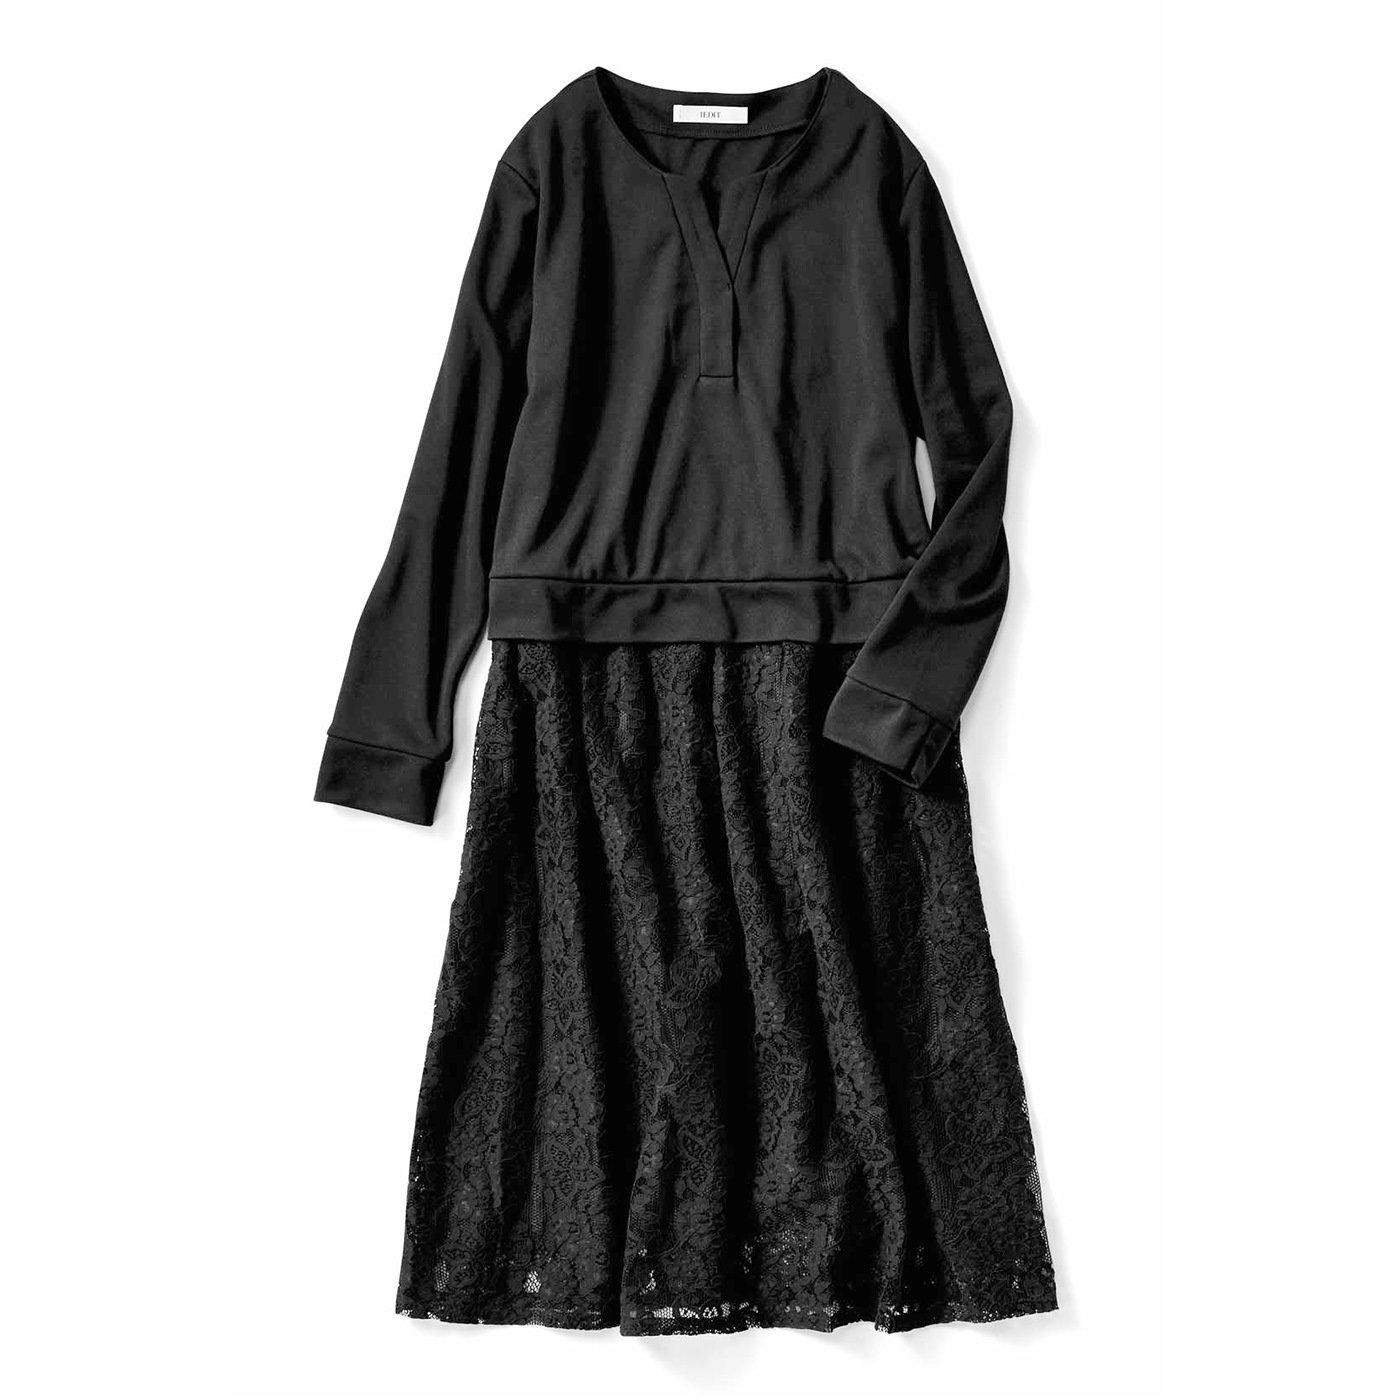 IEDIT[イディット] カットソーブラウスとレーススカートの上品シックなドッキングワンピース〈ブラック〉